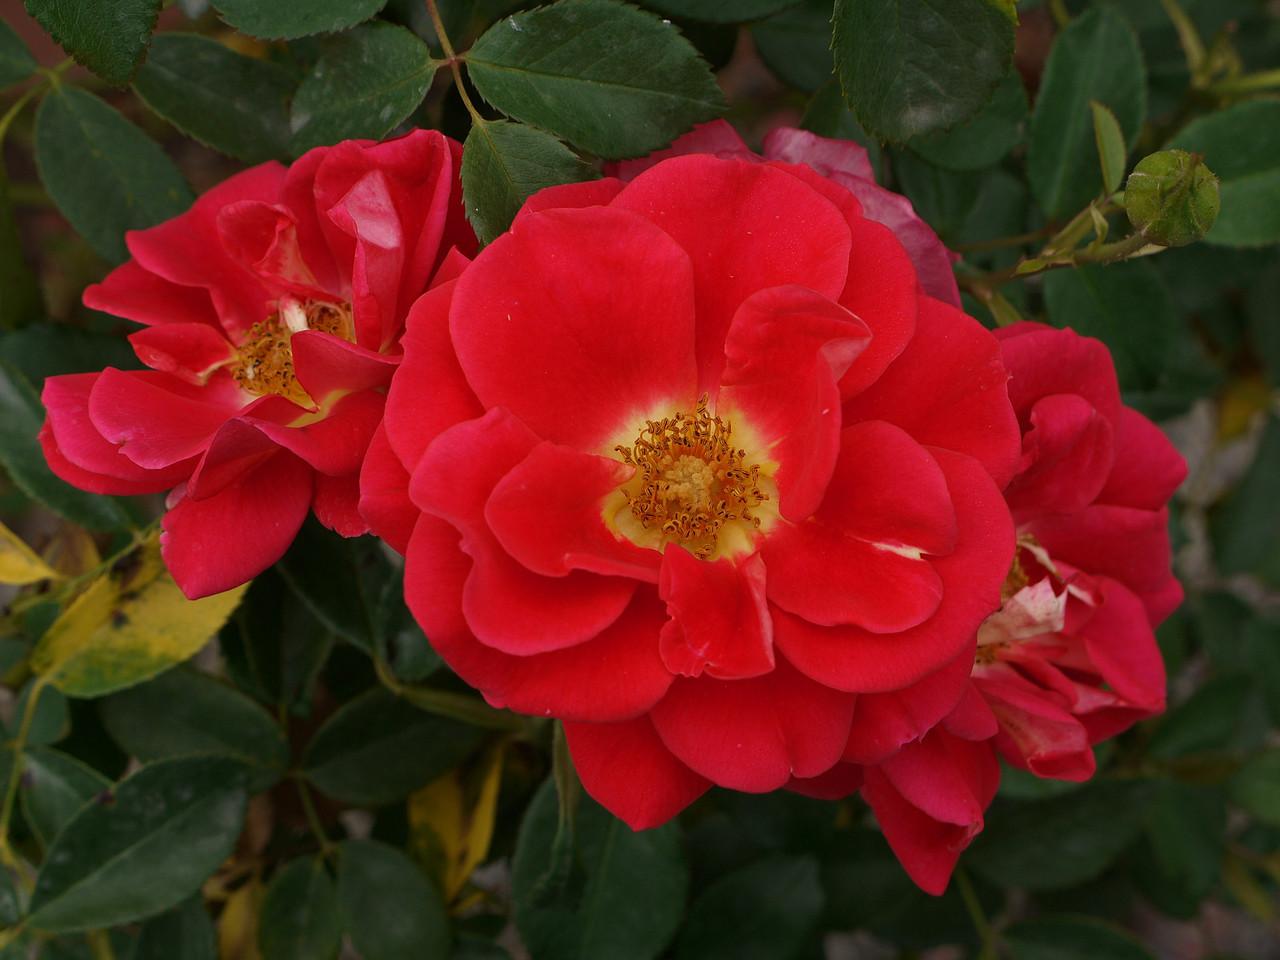 20120419_1341_0097 rose